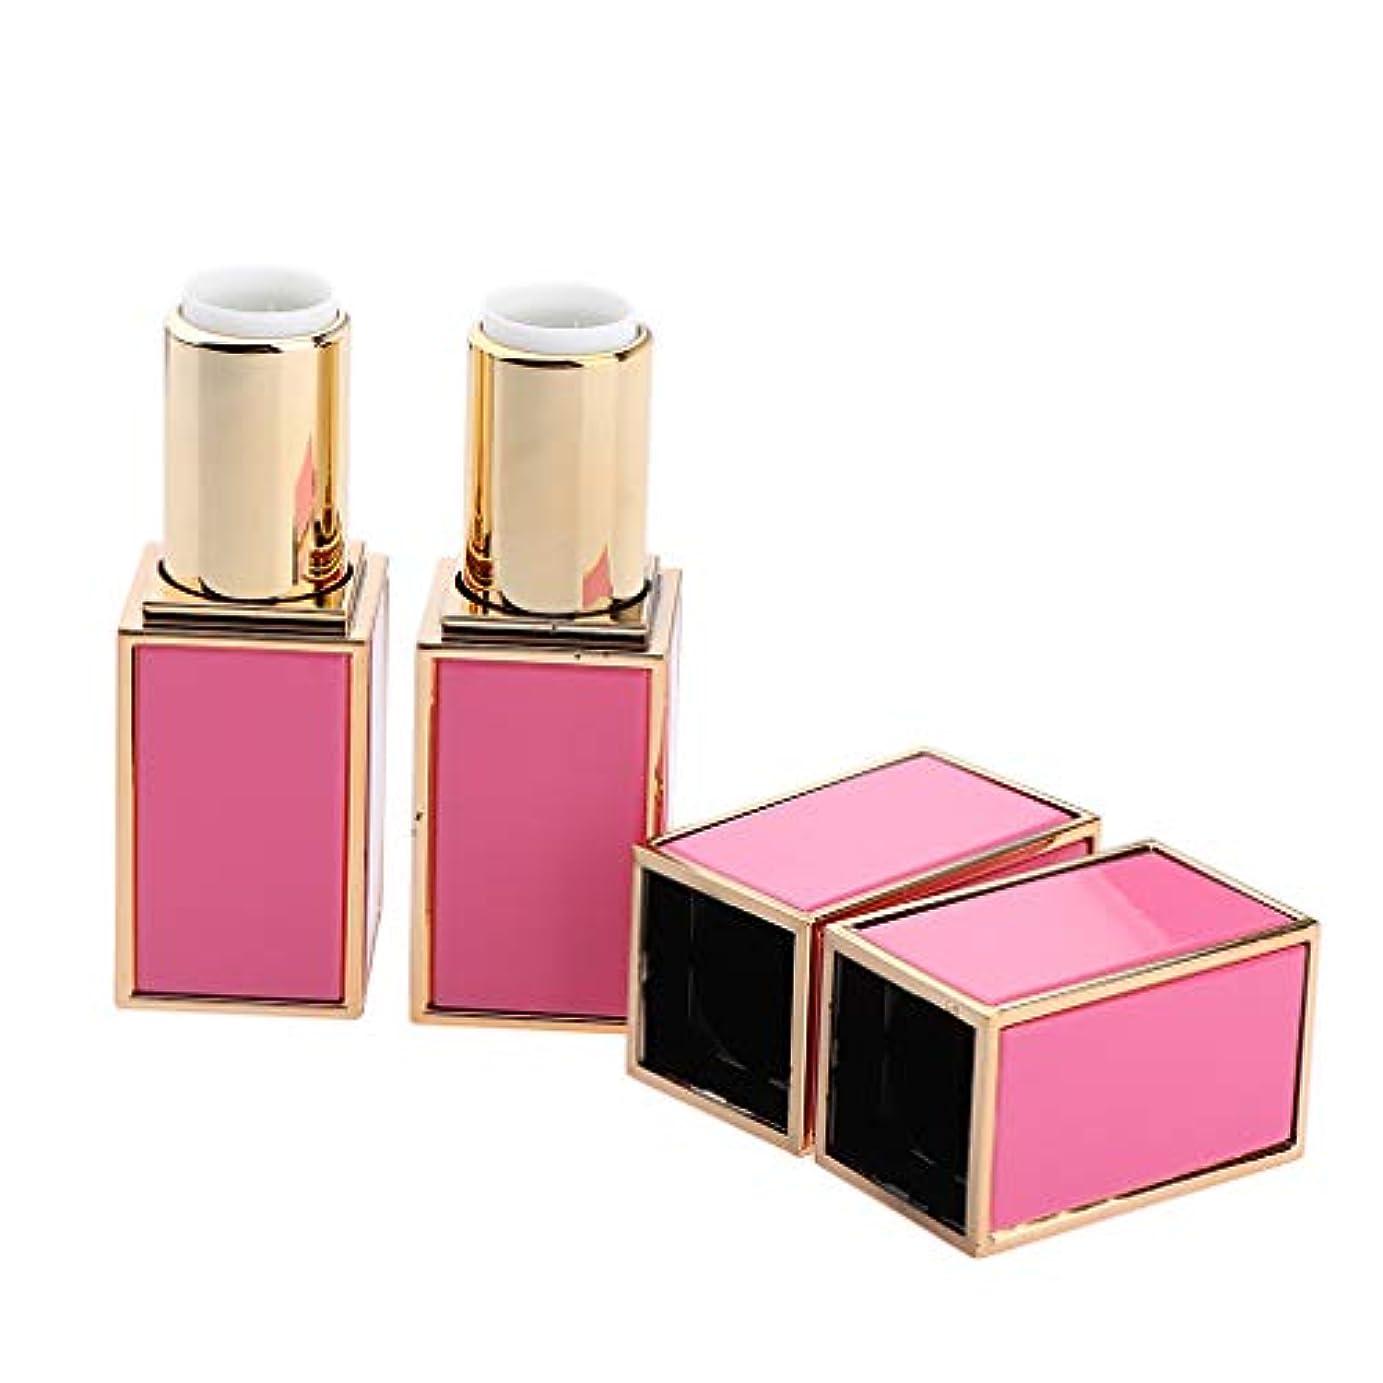 エロチックはず厚くするポータブル 空 エンドグレードグレード 口紅チューブ 固体香水 詰め替え式 2色選べ - ピンク